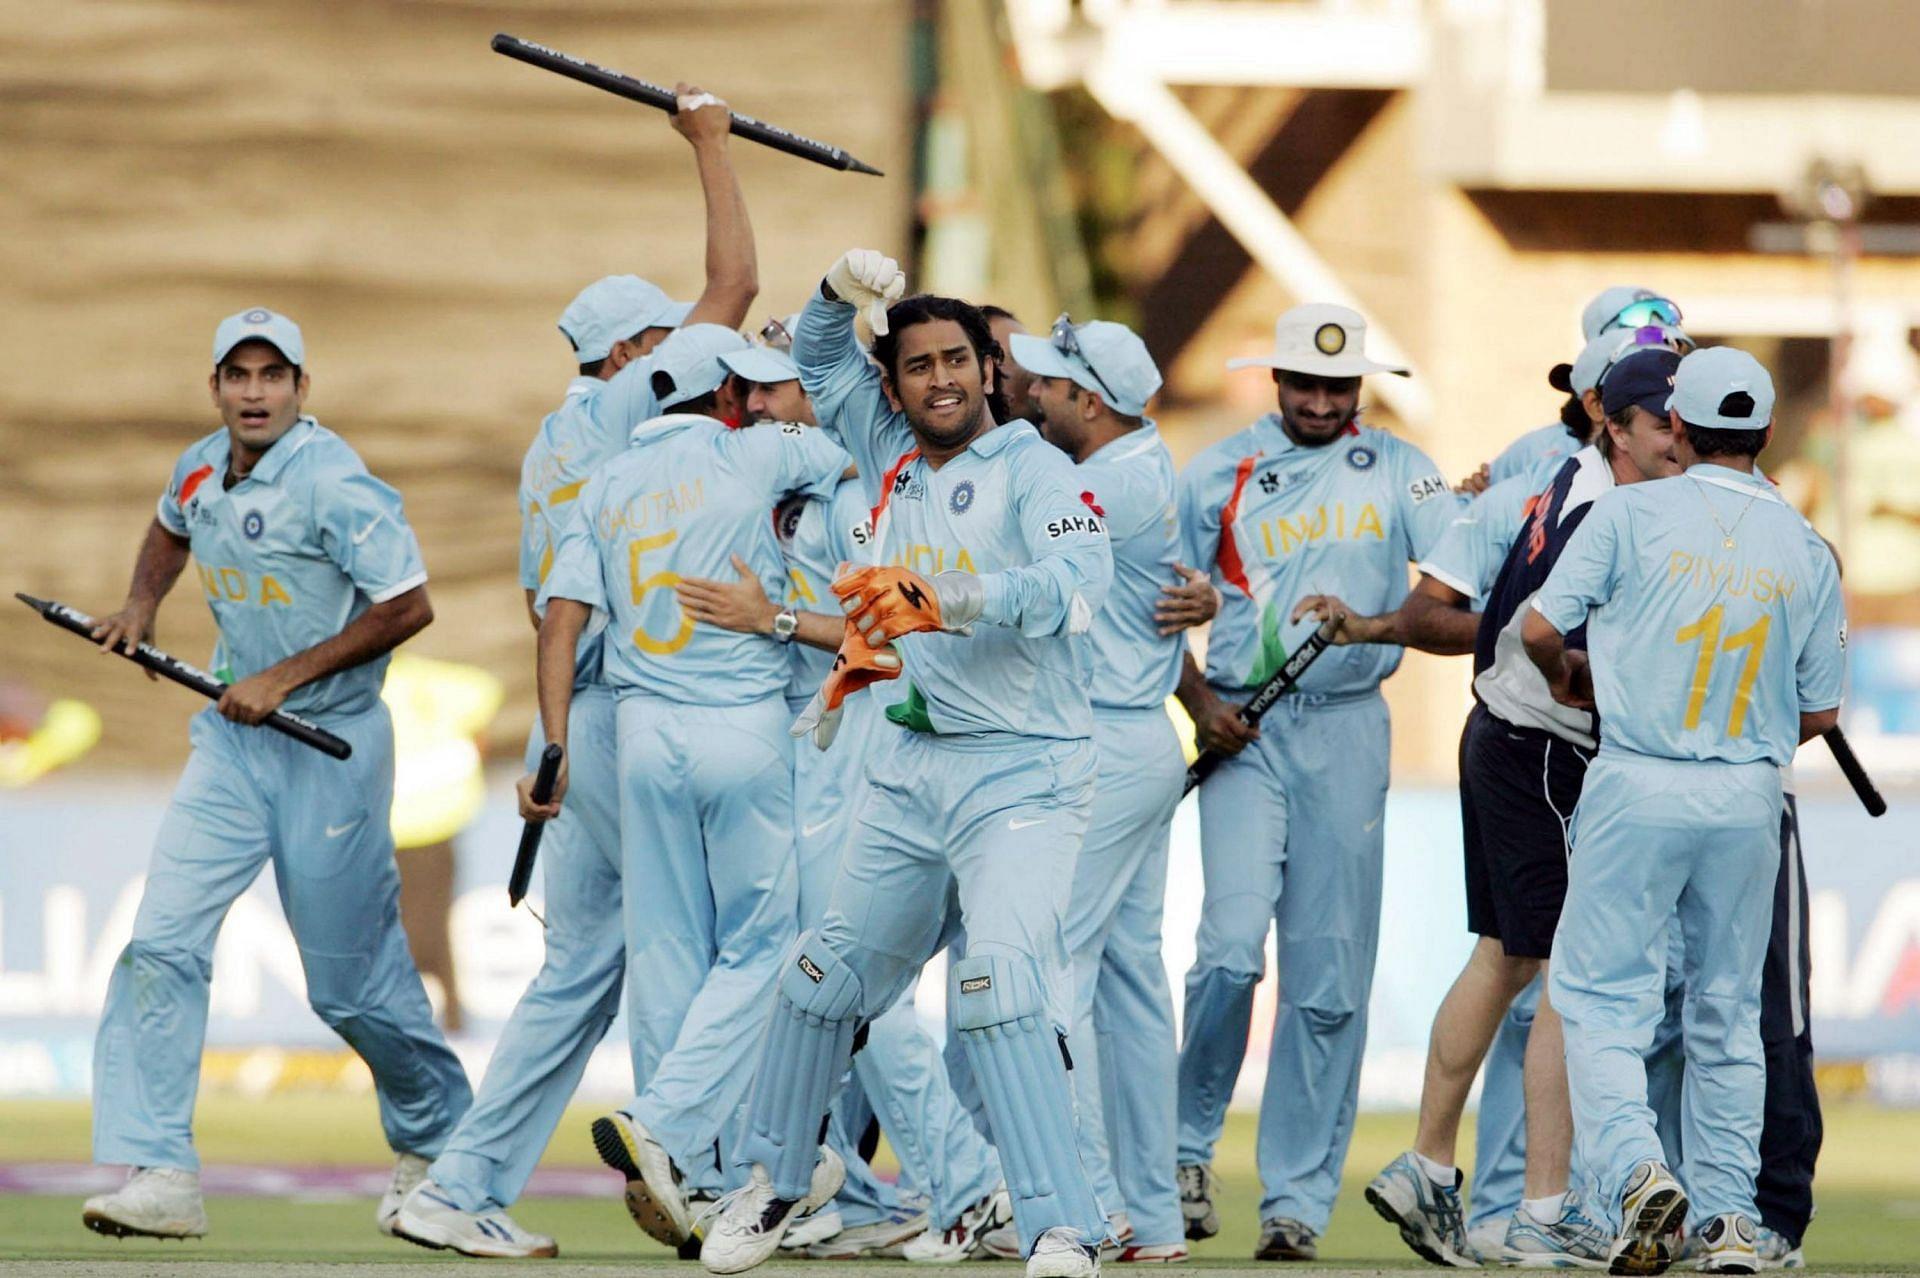 भारत ने उस समय टी20 वर्ल्ड कप में जीत दर्ज की थी